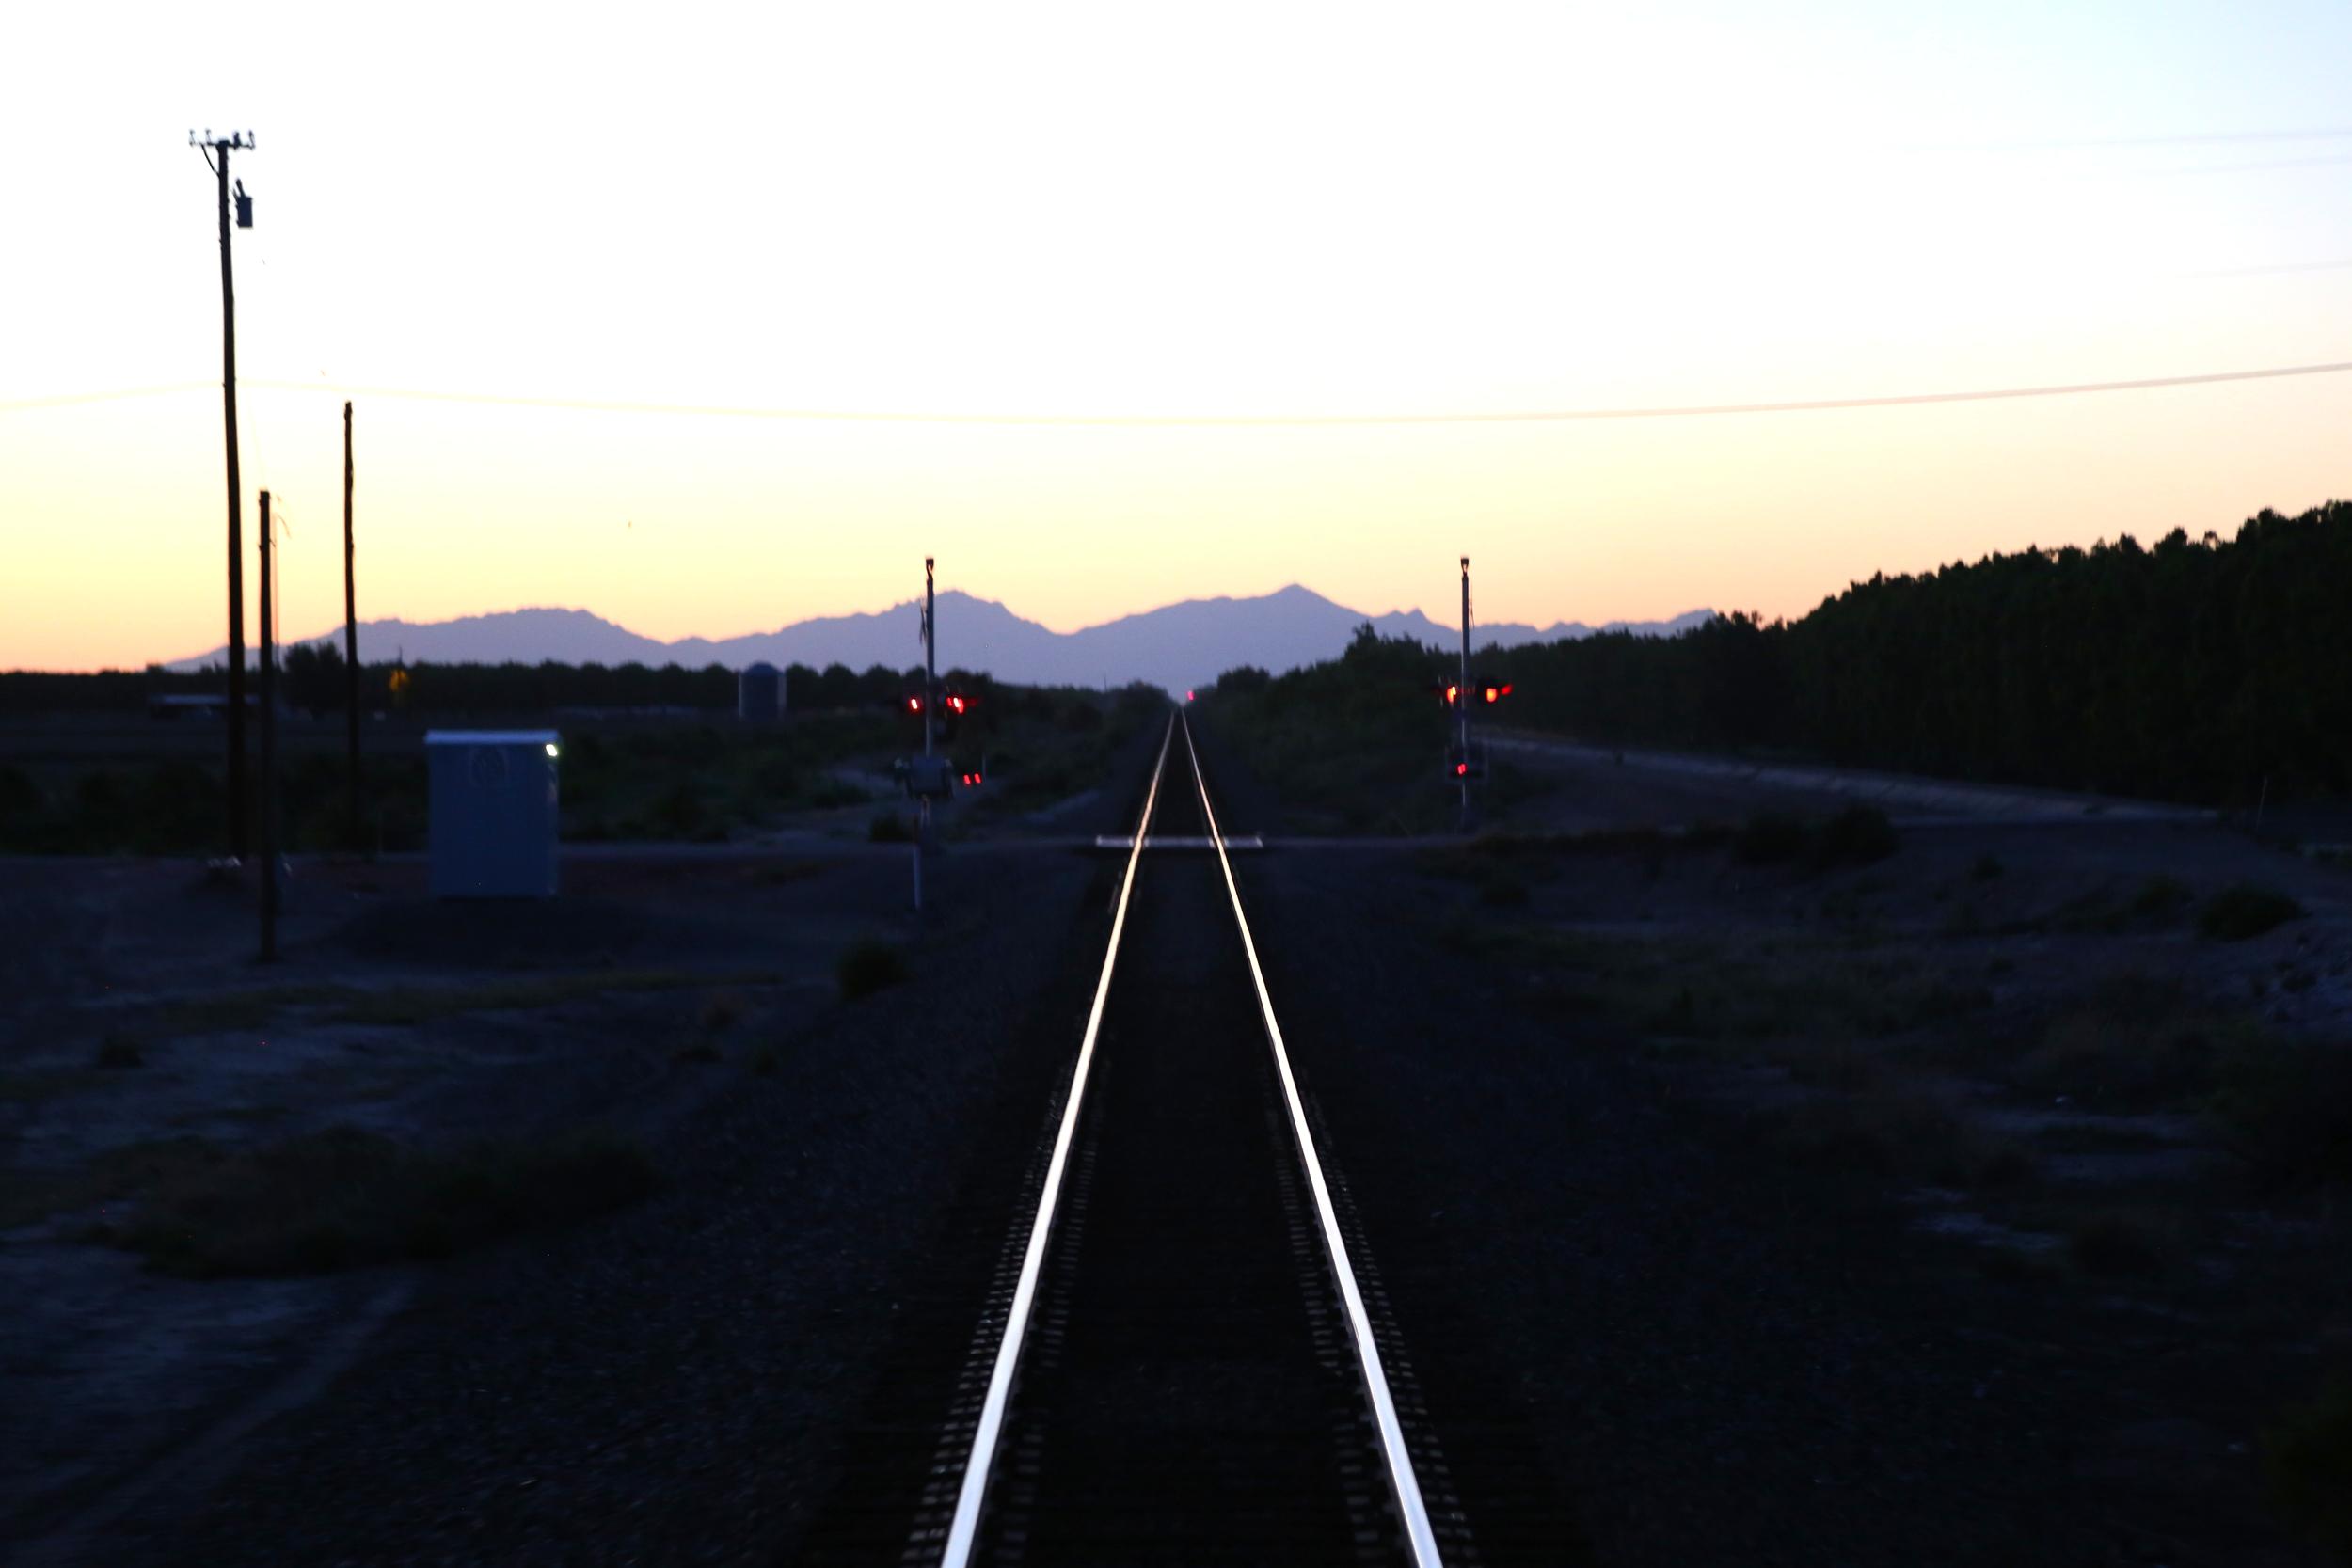 Sunset along the Texas/Mexico border